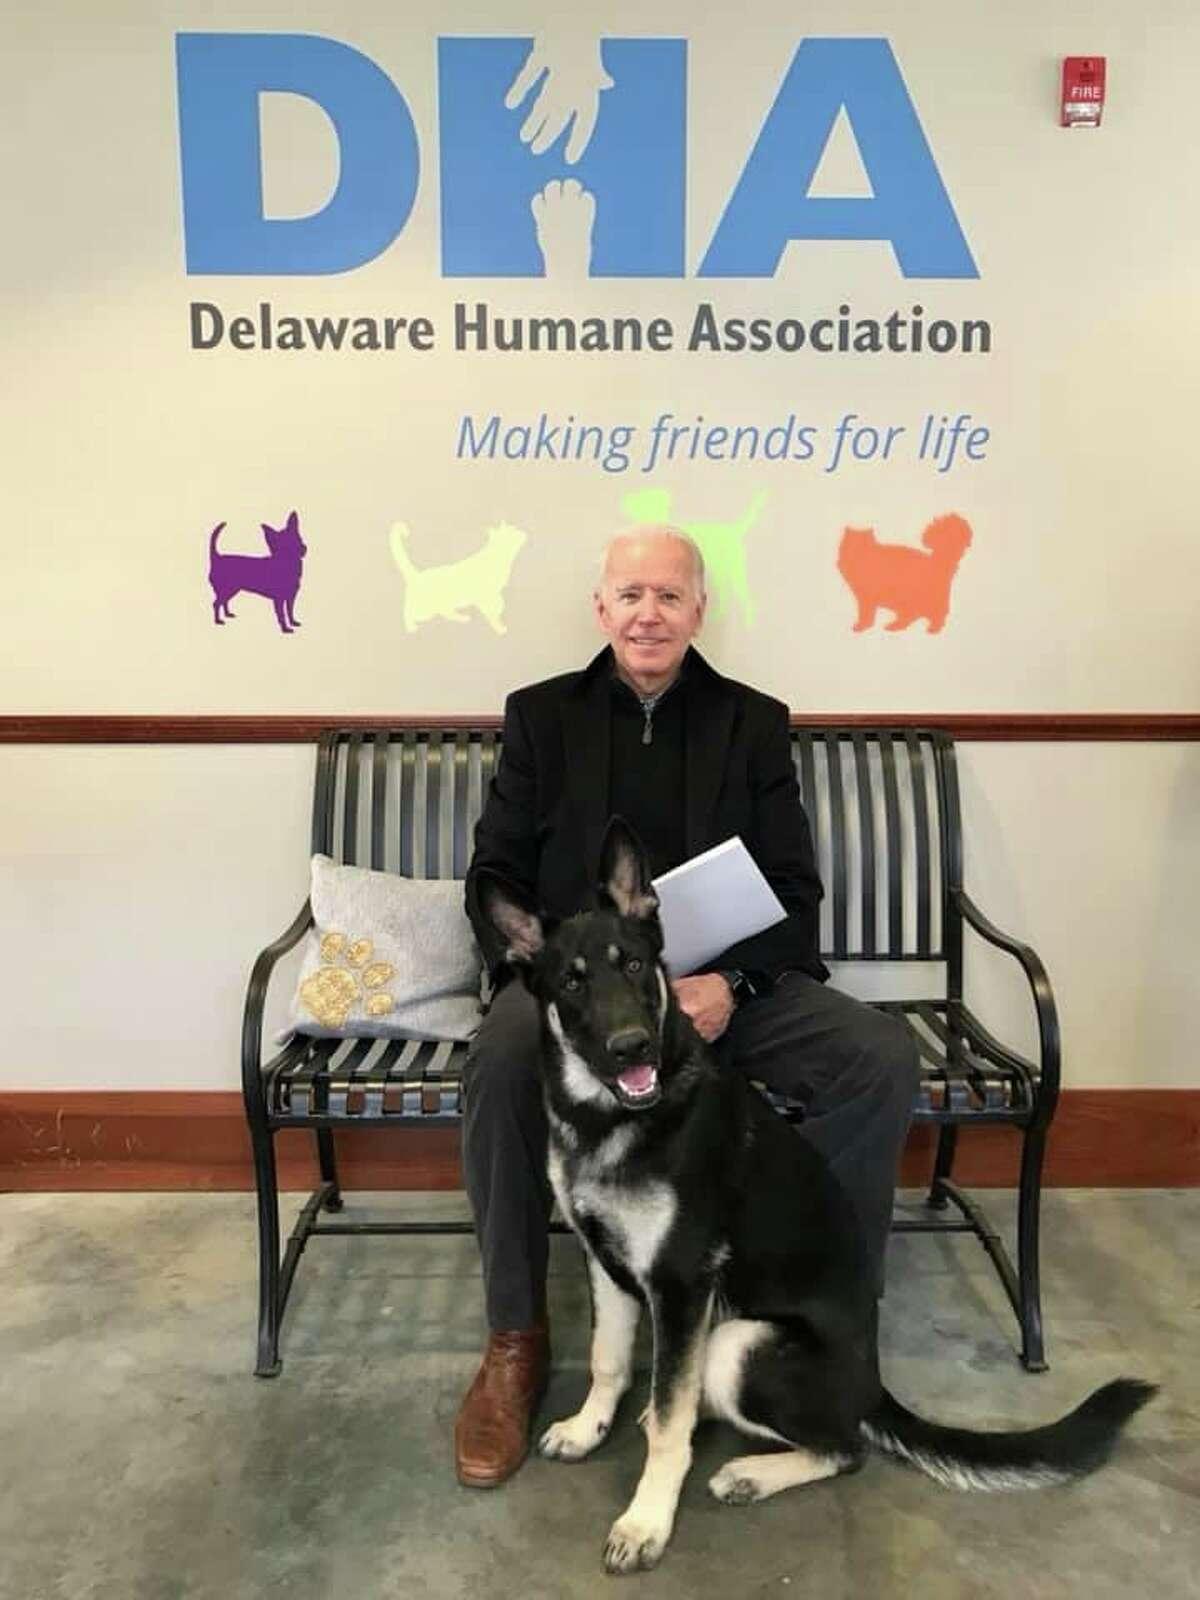 Joe Biden adopted foster dog Major at the Delaware Humane Association in November 2018.